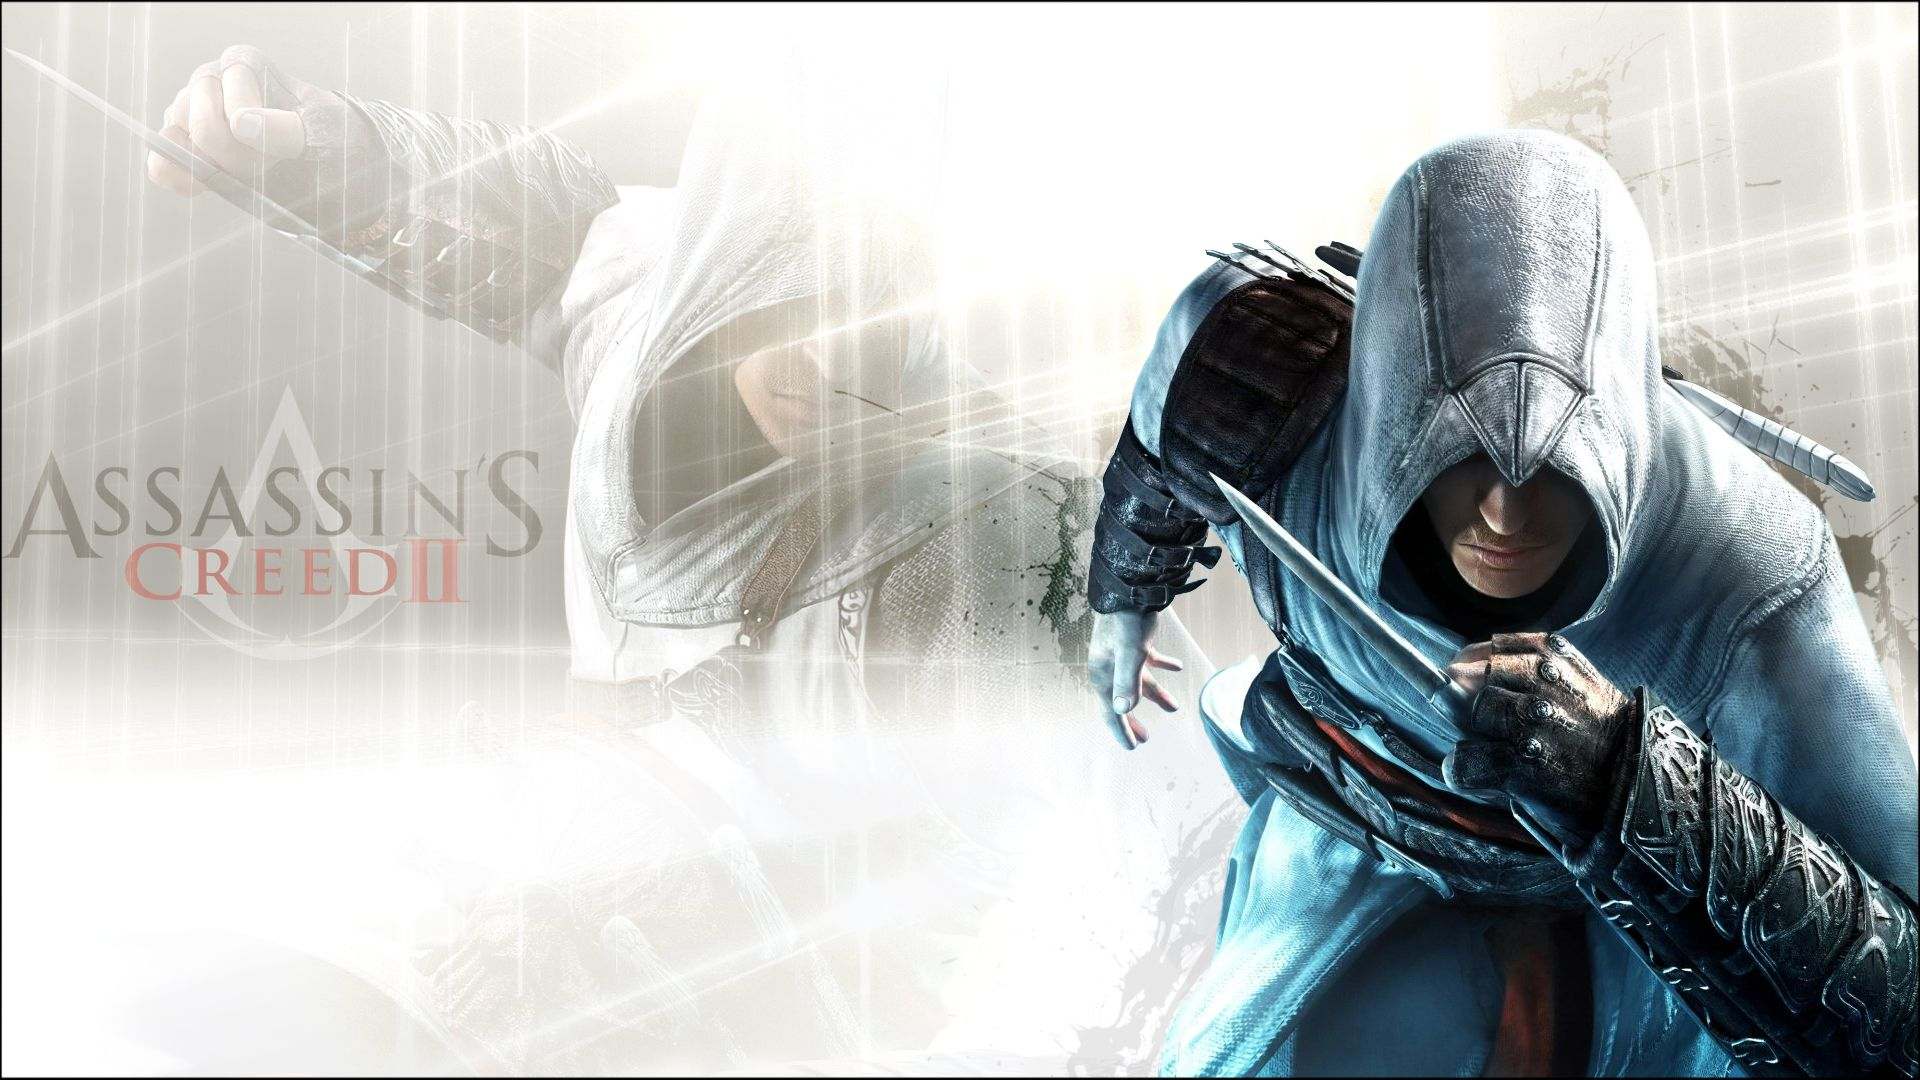 Assassins Creed II Geek Mode Pinterest Assassins creed and